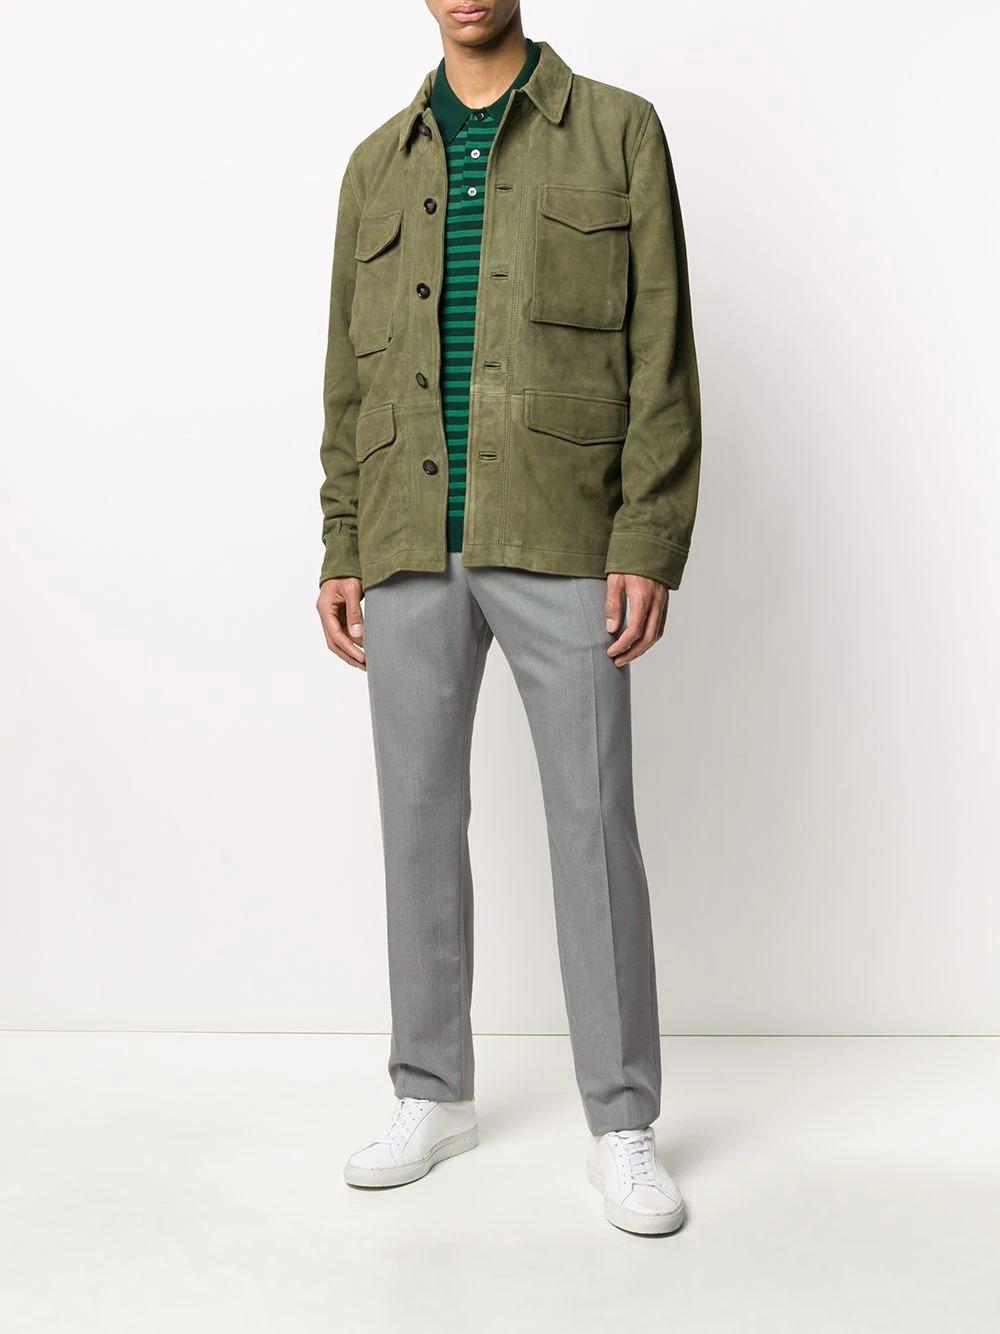 officine-generale-multi-pocket-leather-jacket-in-olive